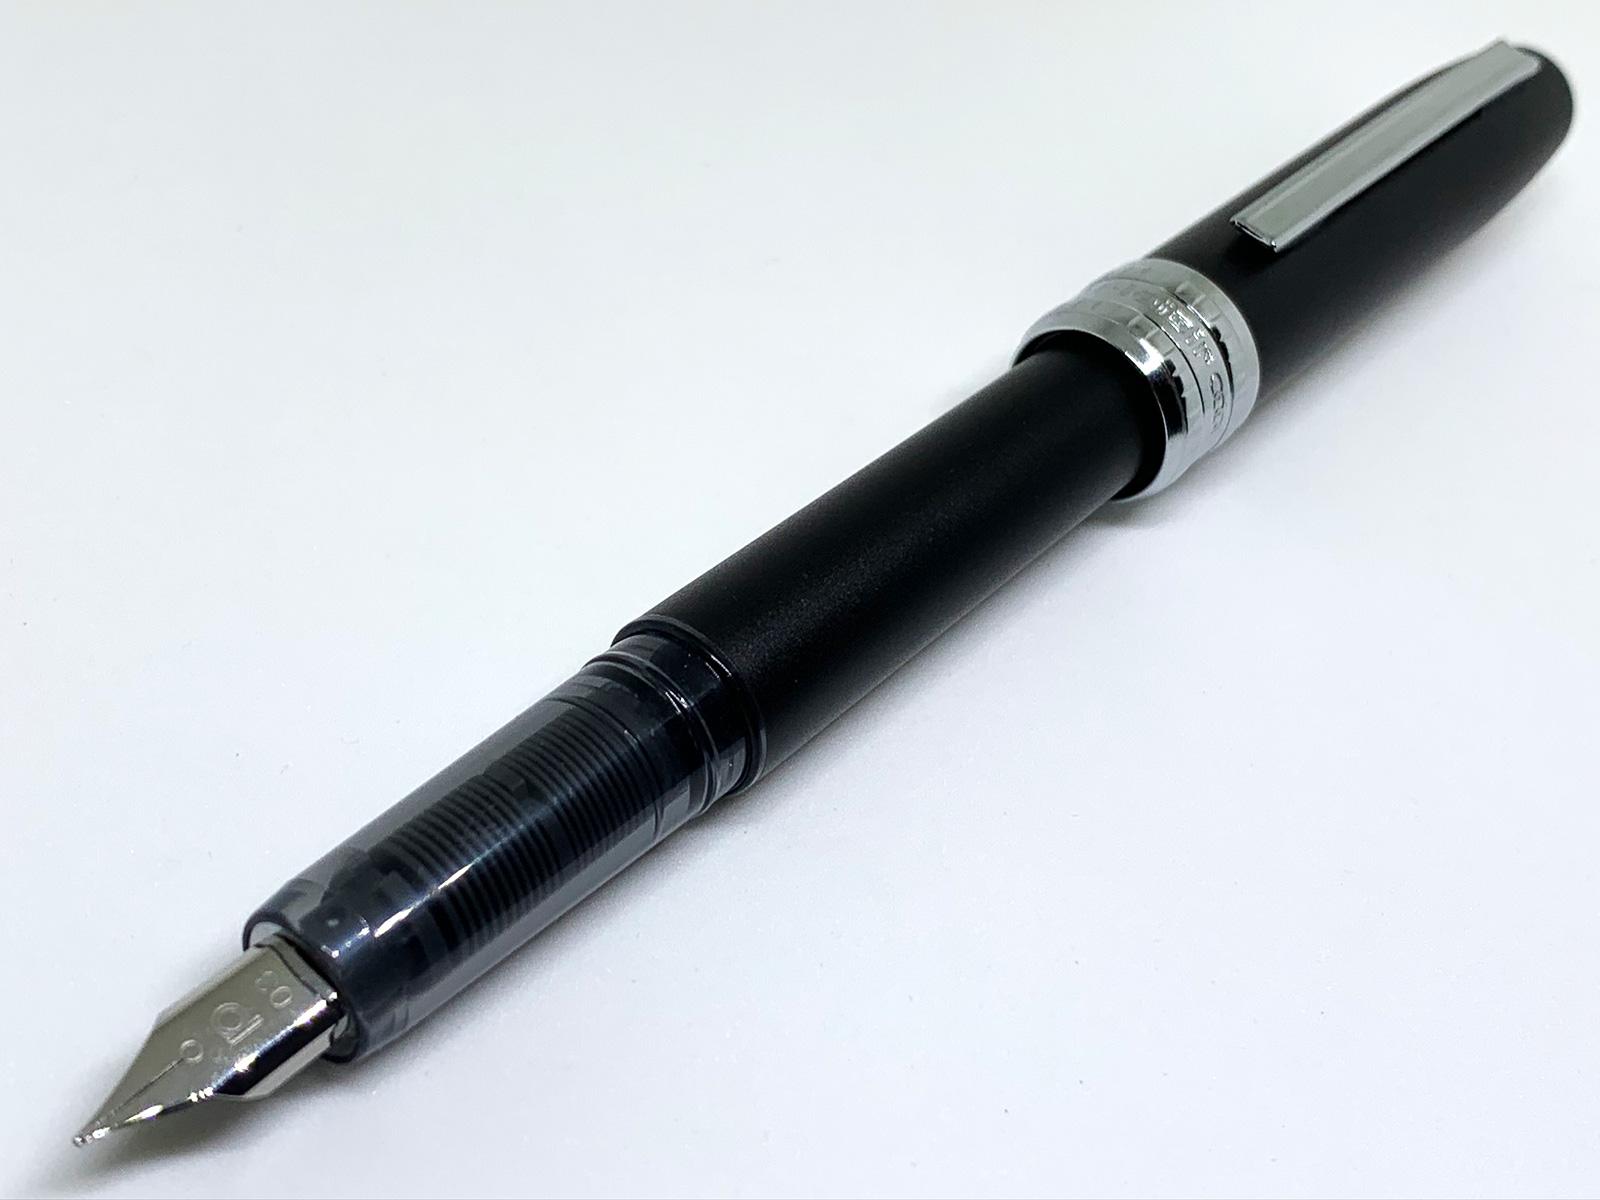 プラチナ万年筆プレジール ブラックミスト キャップを開いて後ろに付けた様子